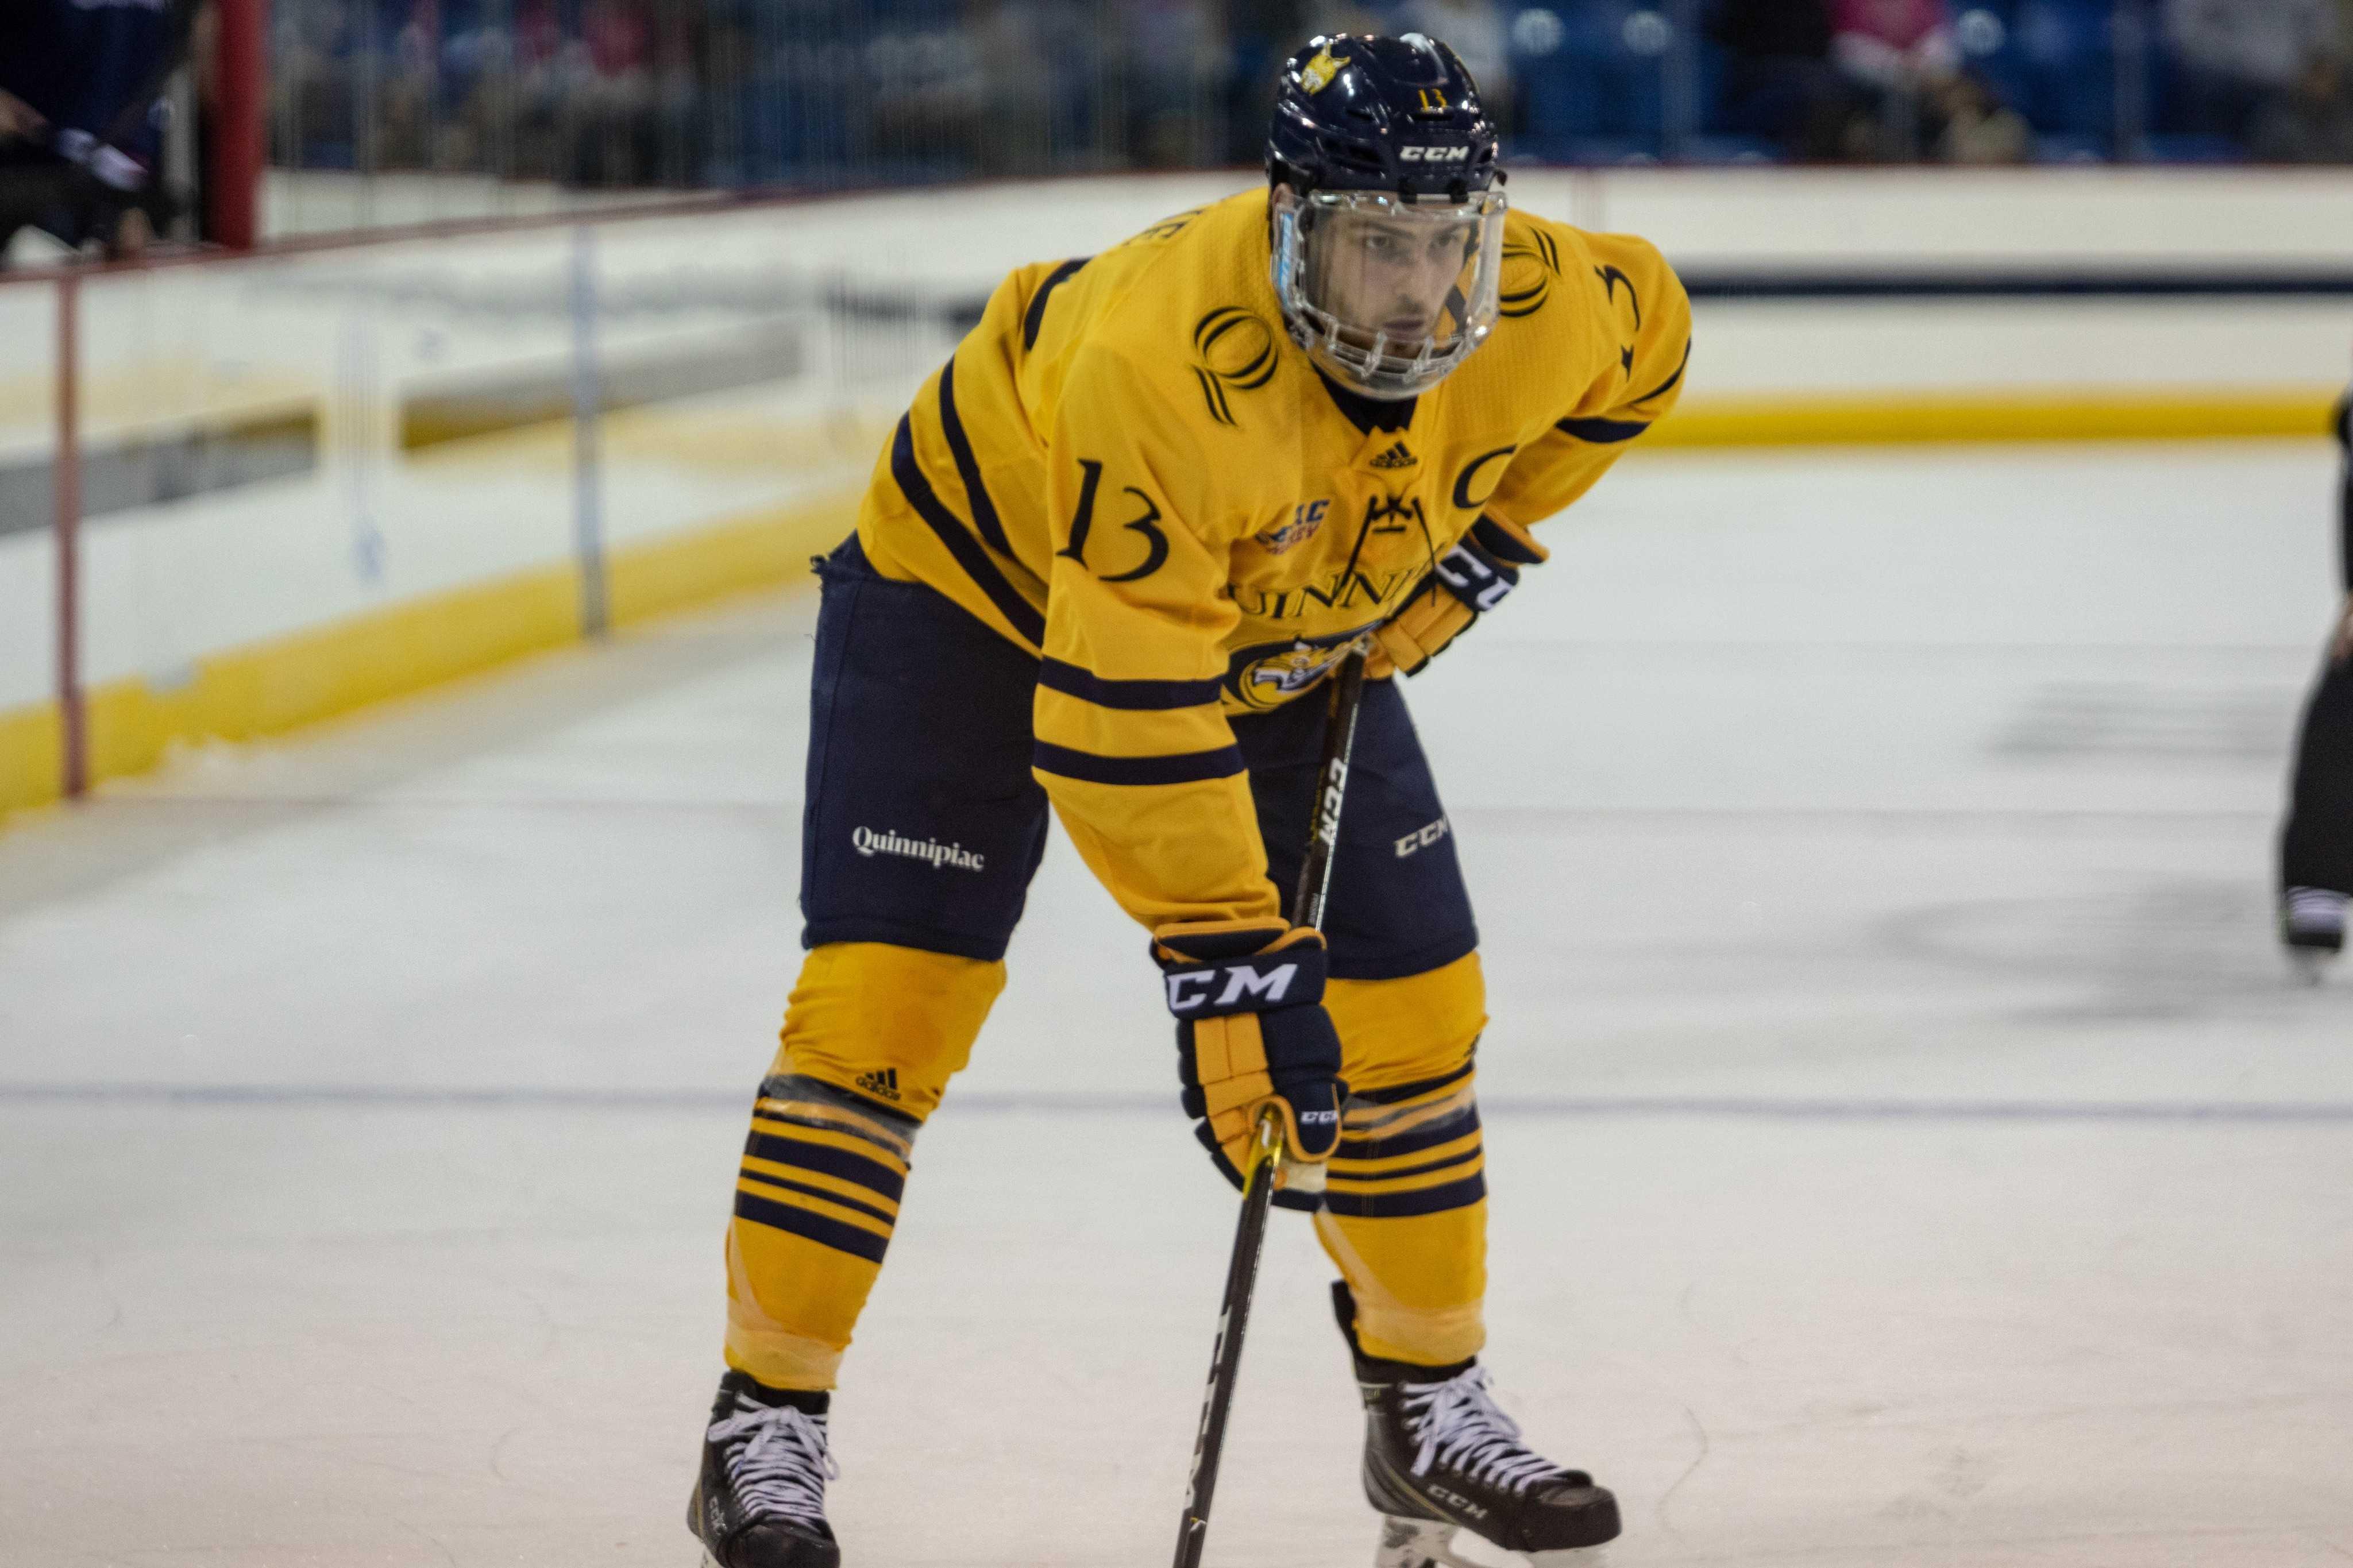 Quinnipiac men's ice hockey takes down Harvard in ECAC Hockey opener